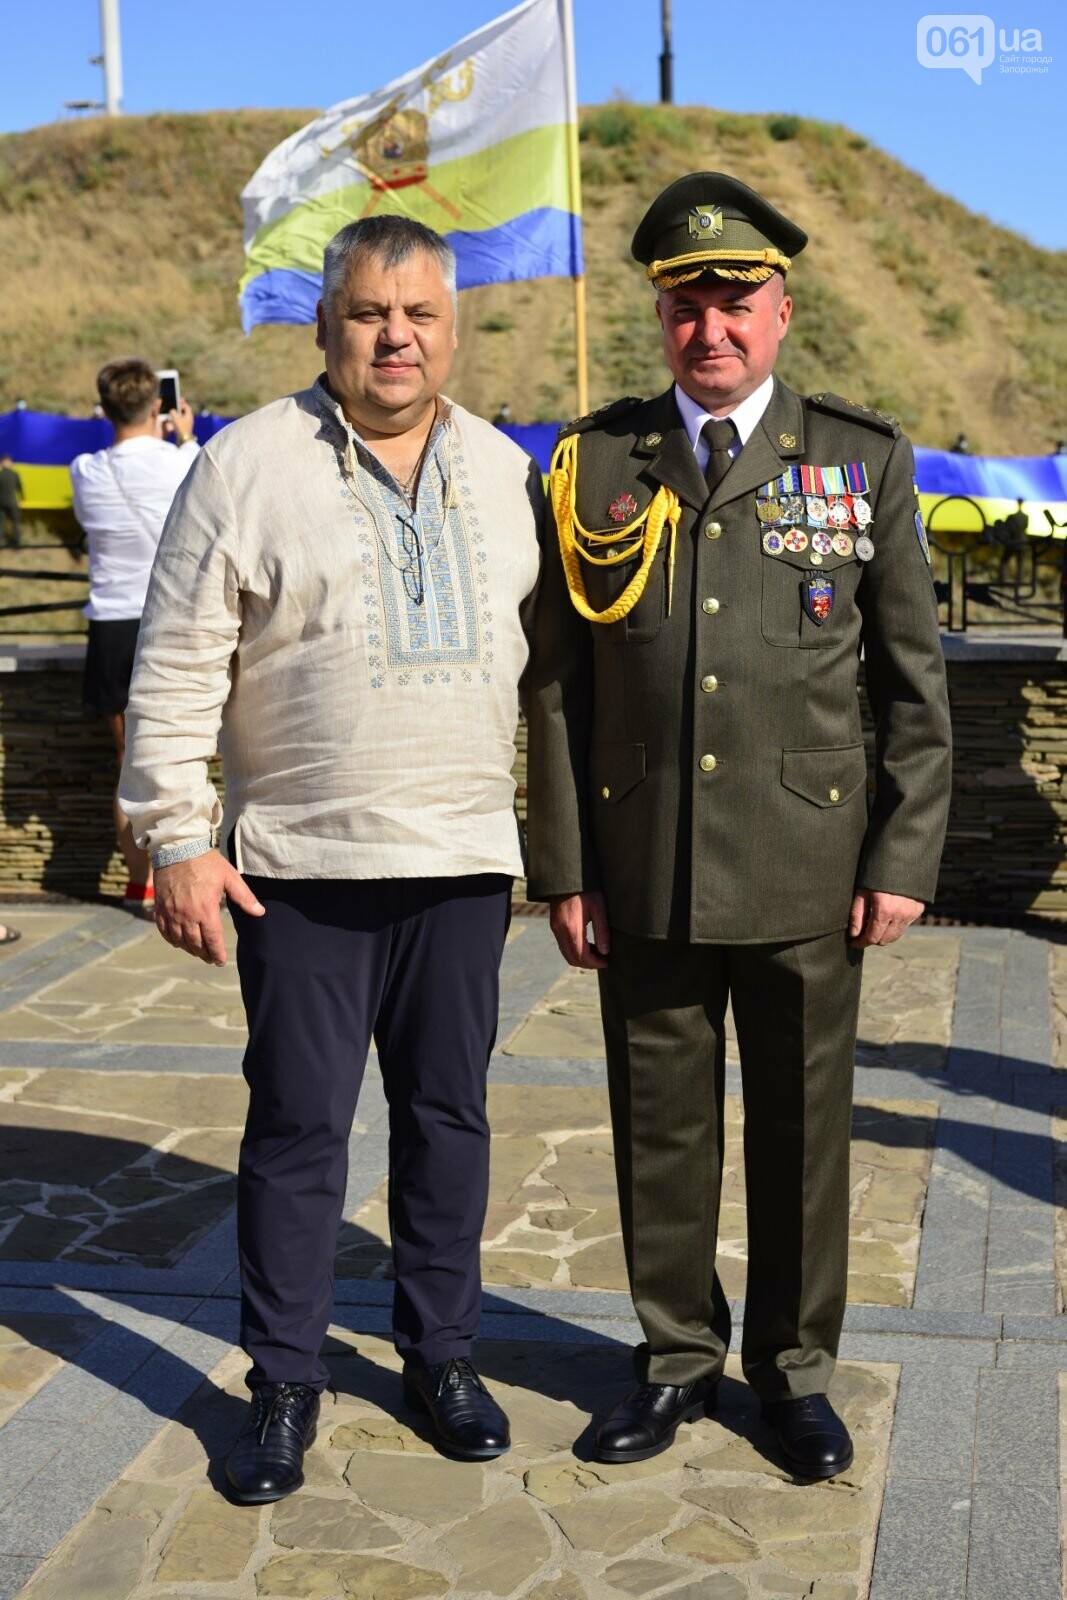 Впервые на Хортице развернули 100-метровый флаг Украины, - ФОТОРЕПОРТАЖ, фото-12